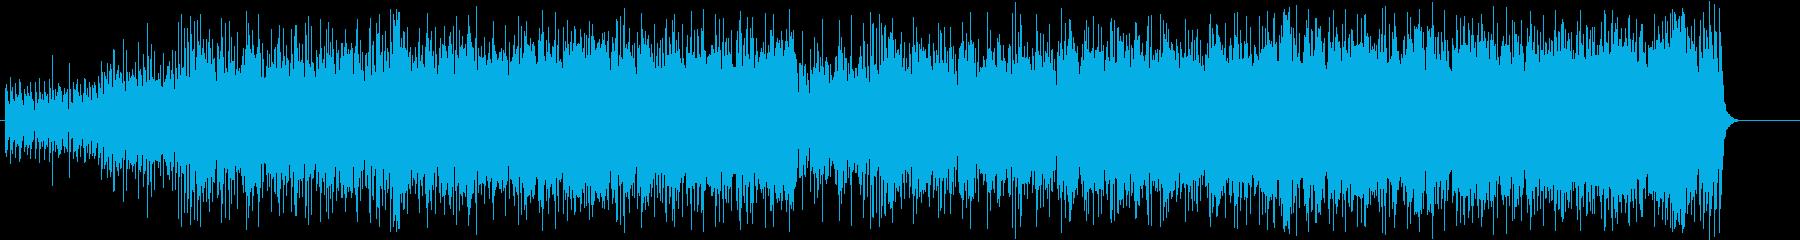 アンダーグラウンドなムードが今風ポップの再生済みの波形